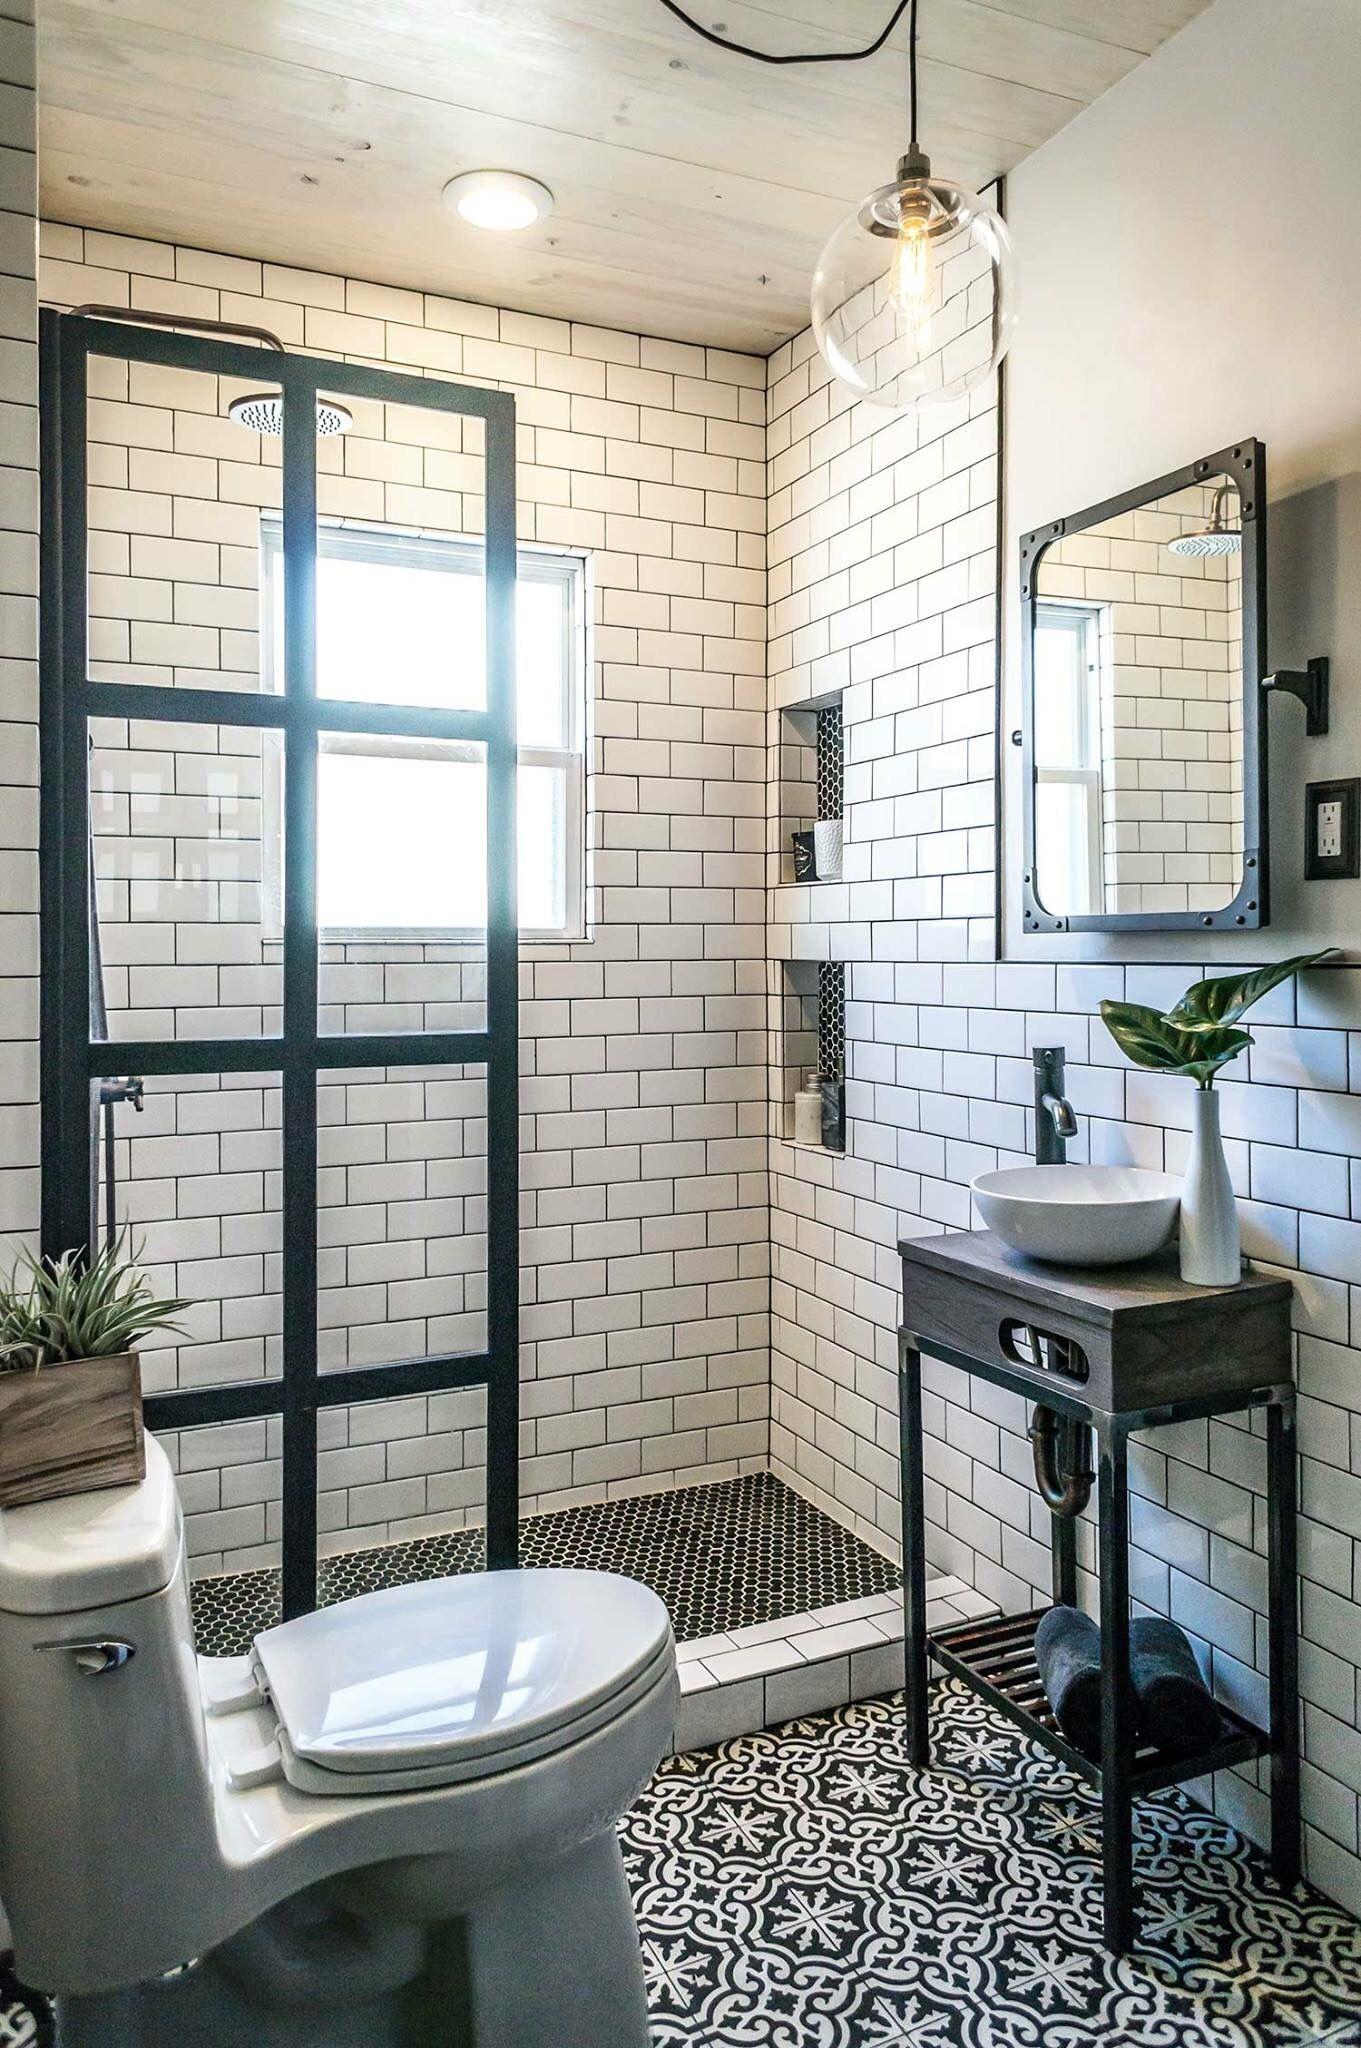 Wohnen, Kleine Bäder, Badezimmer Duschen, Moderne Badezimmer, Große  Badezimmer, Master Bad Dusche, Weiß Geflieste Bäder, Schmales Badezimmer,  Vintage Biene